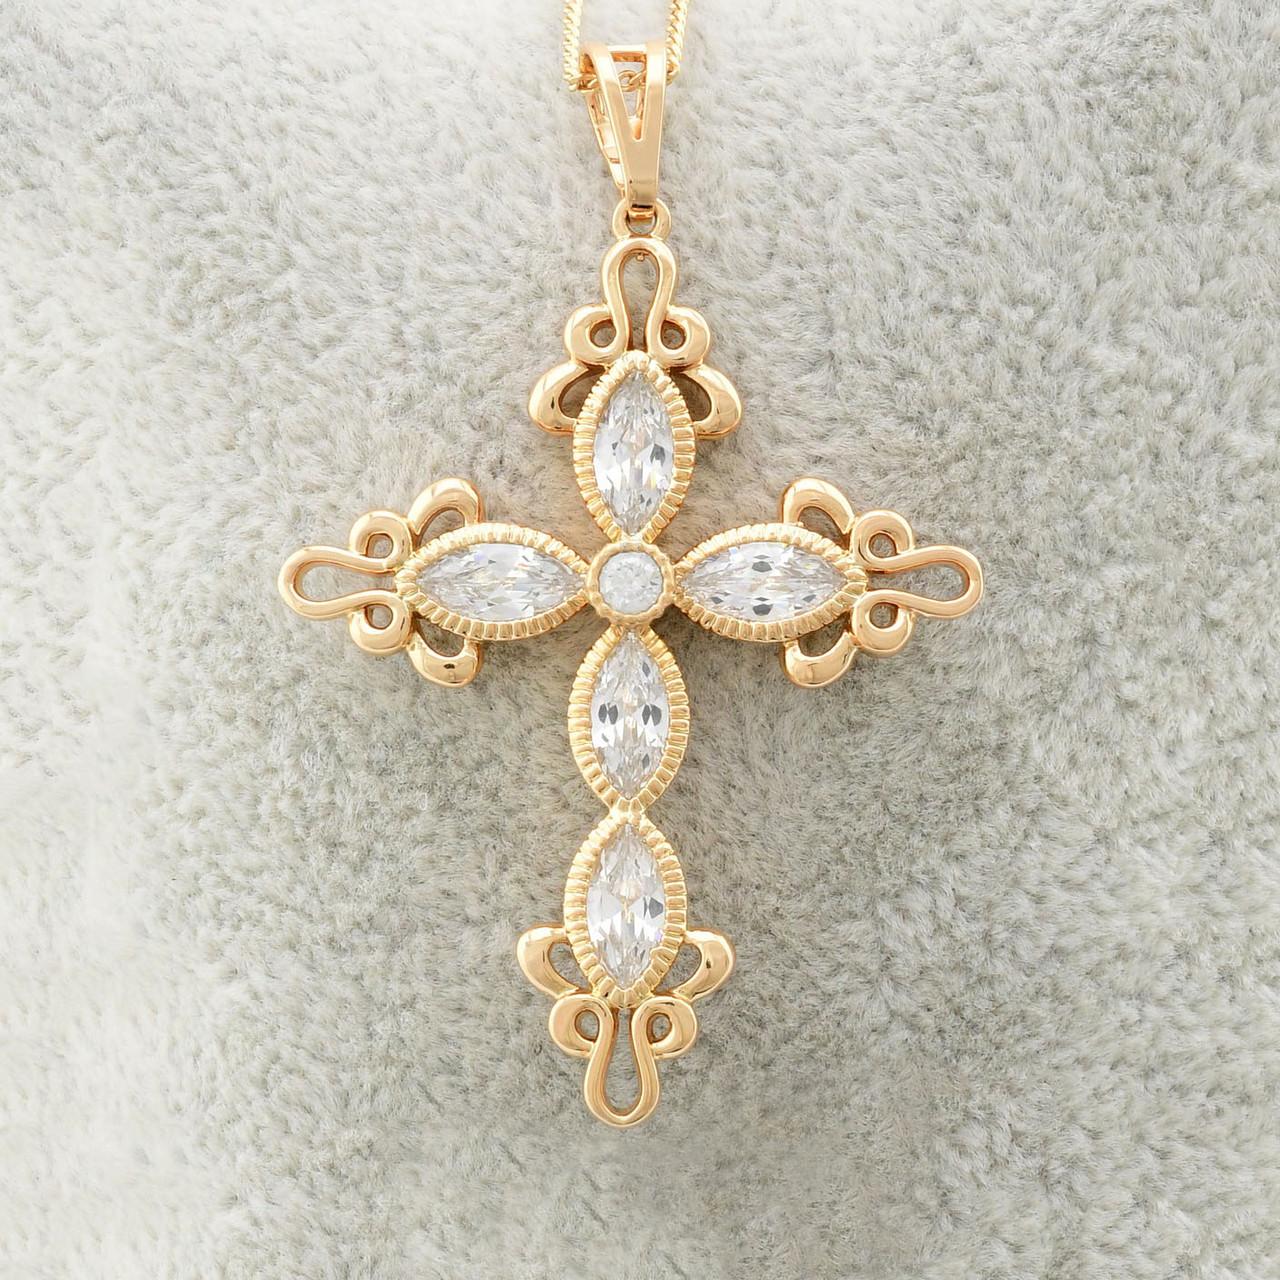 Крестик Xuping Jewelry ажурный, медицинское золото, позолота 18К. А/В 2985